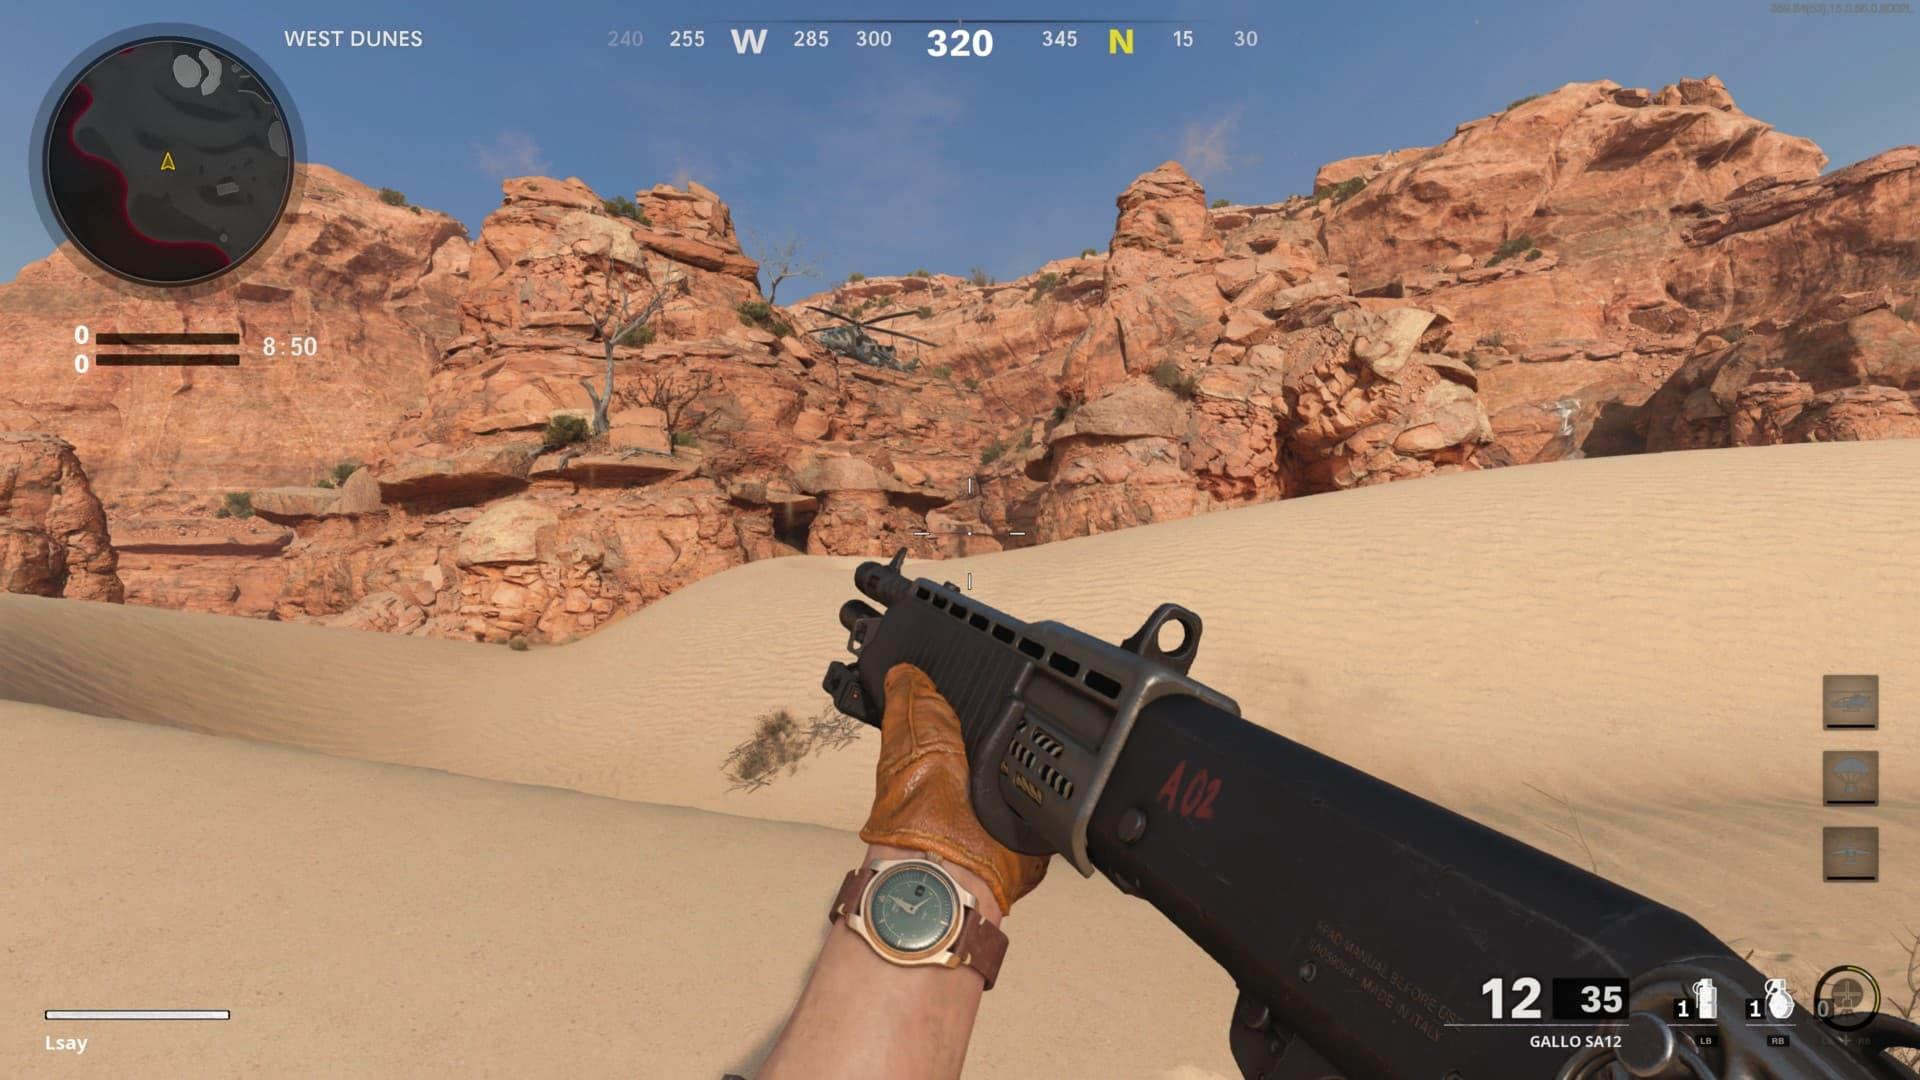 La mejor clase para masacrar con la Gallo SA12 en Warzone | Kyaooo